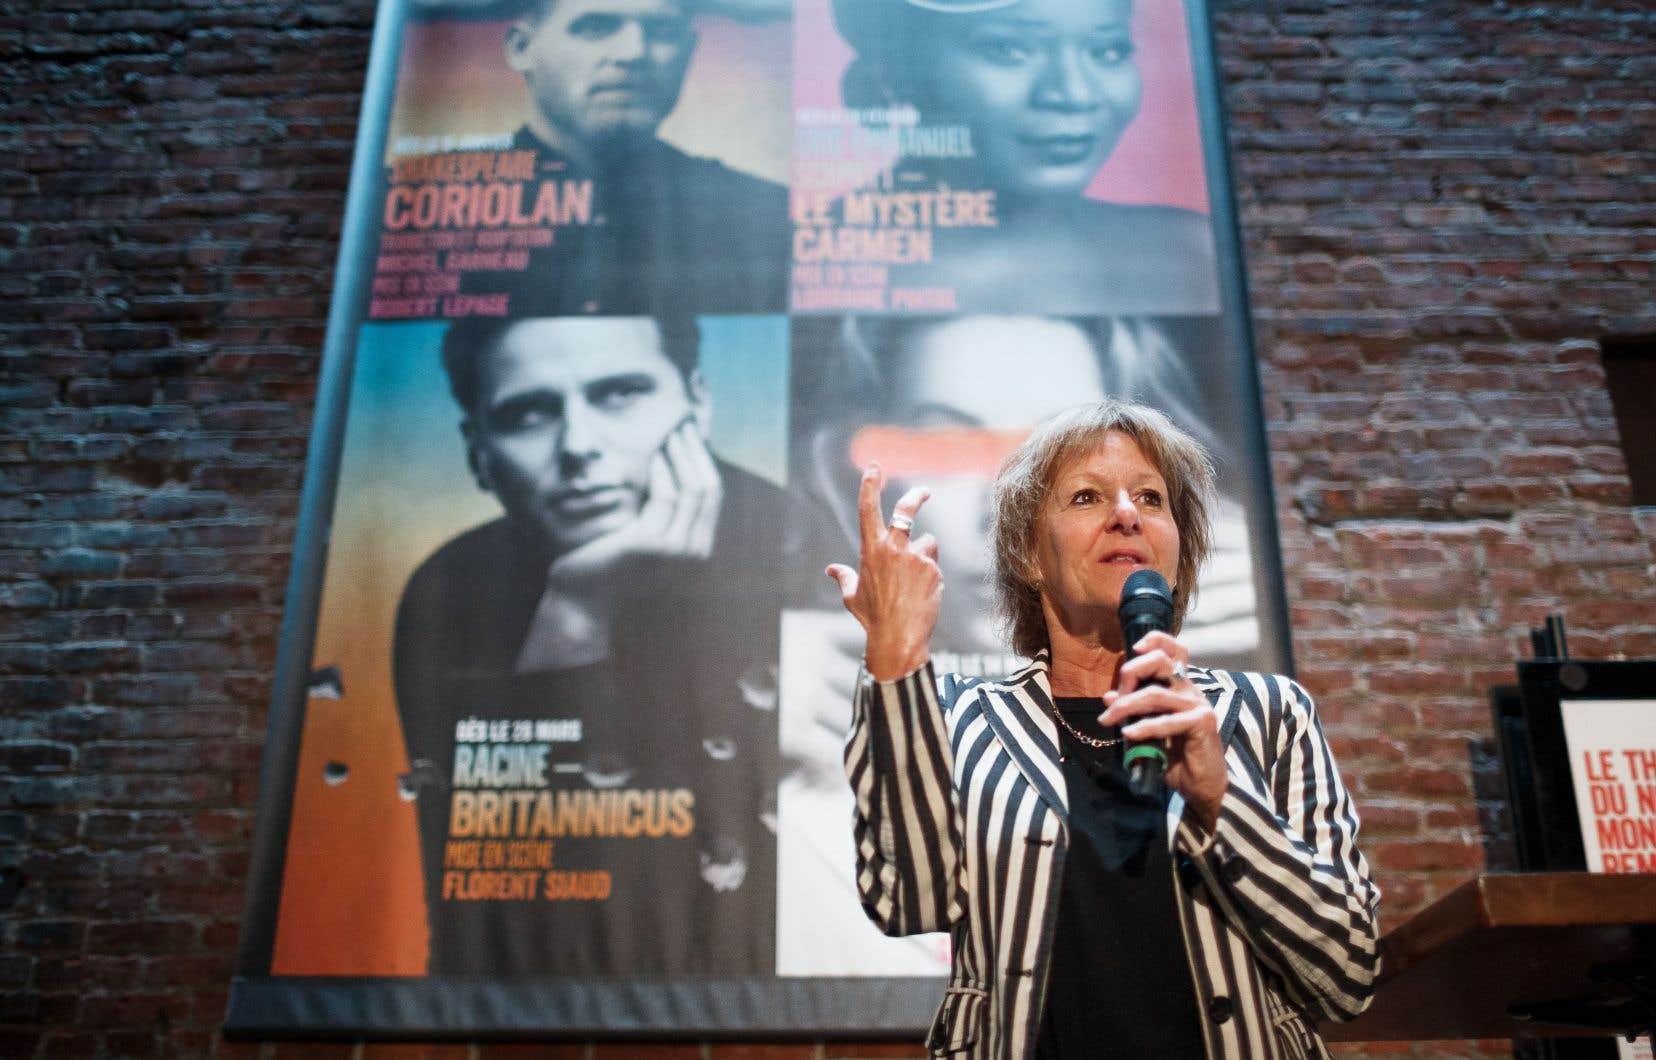 «C'est la première fois qu'un auteur fait un don semblable à un lieu culturel», a estimé Lorraine Pintal mardi.